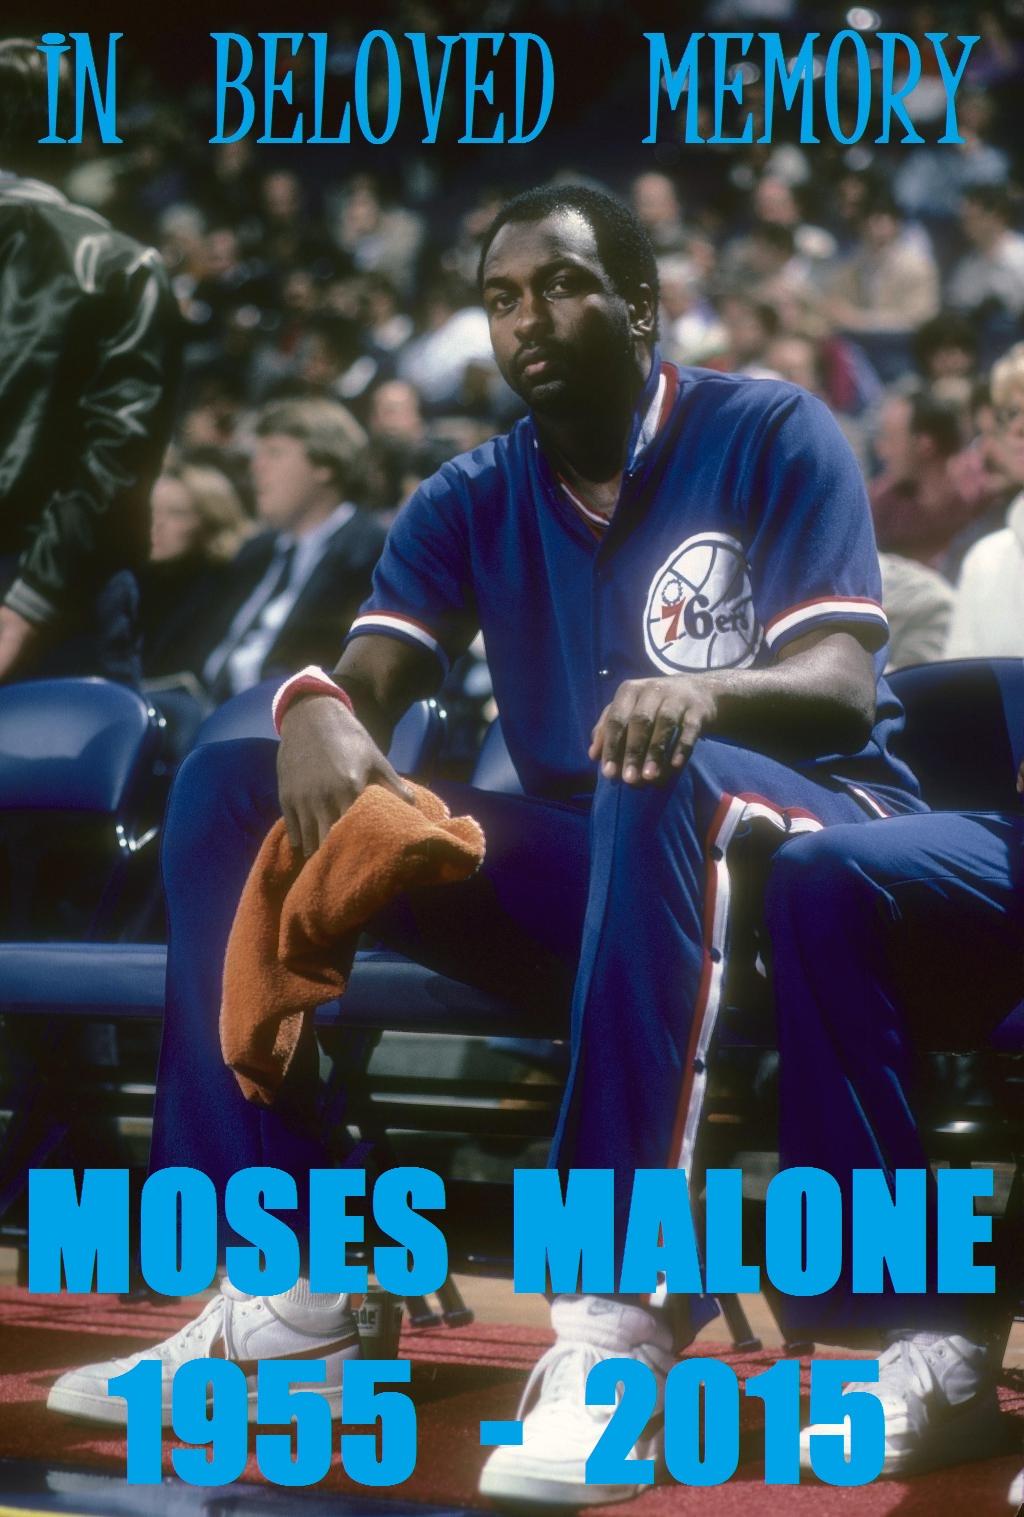 MOSES  EUGENE  MALONE